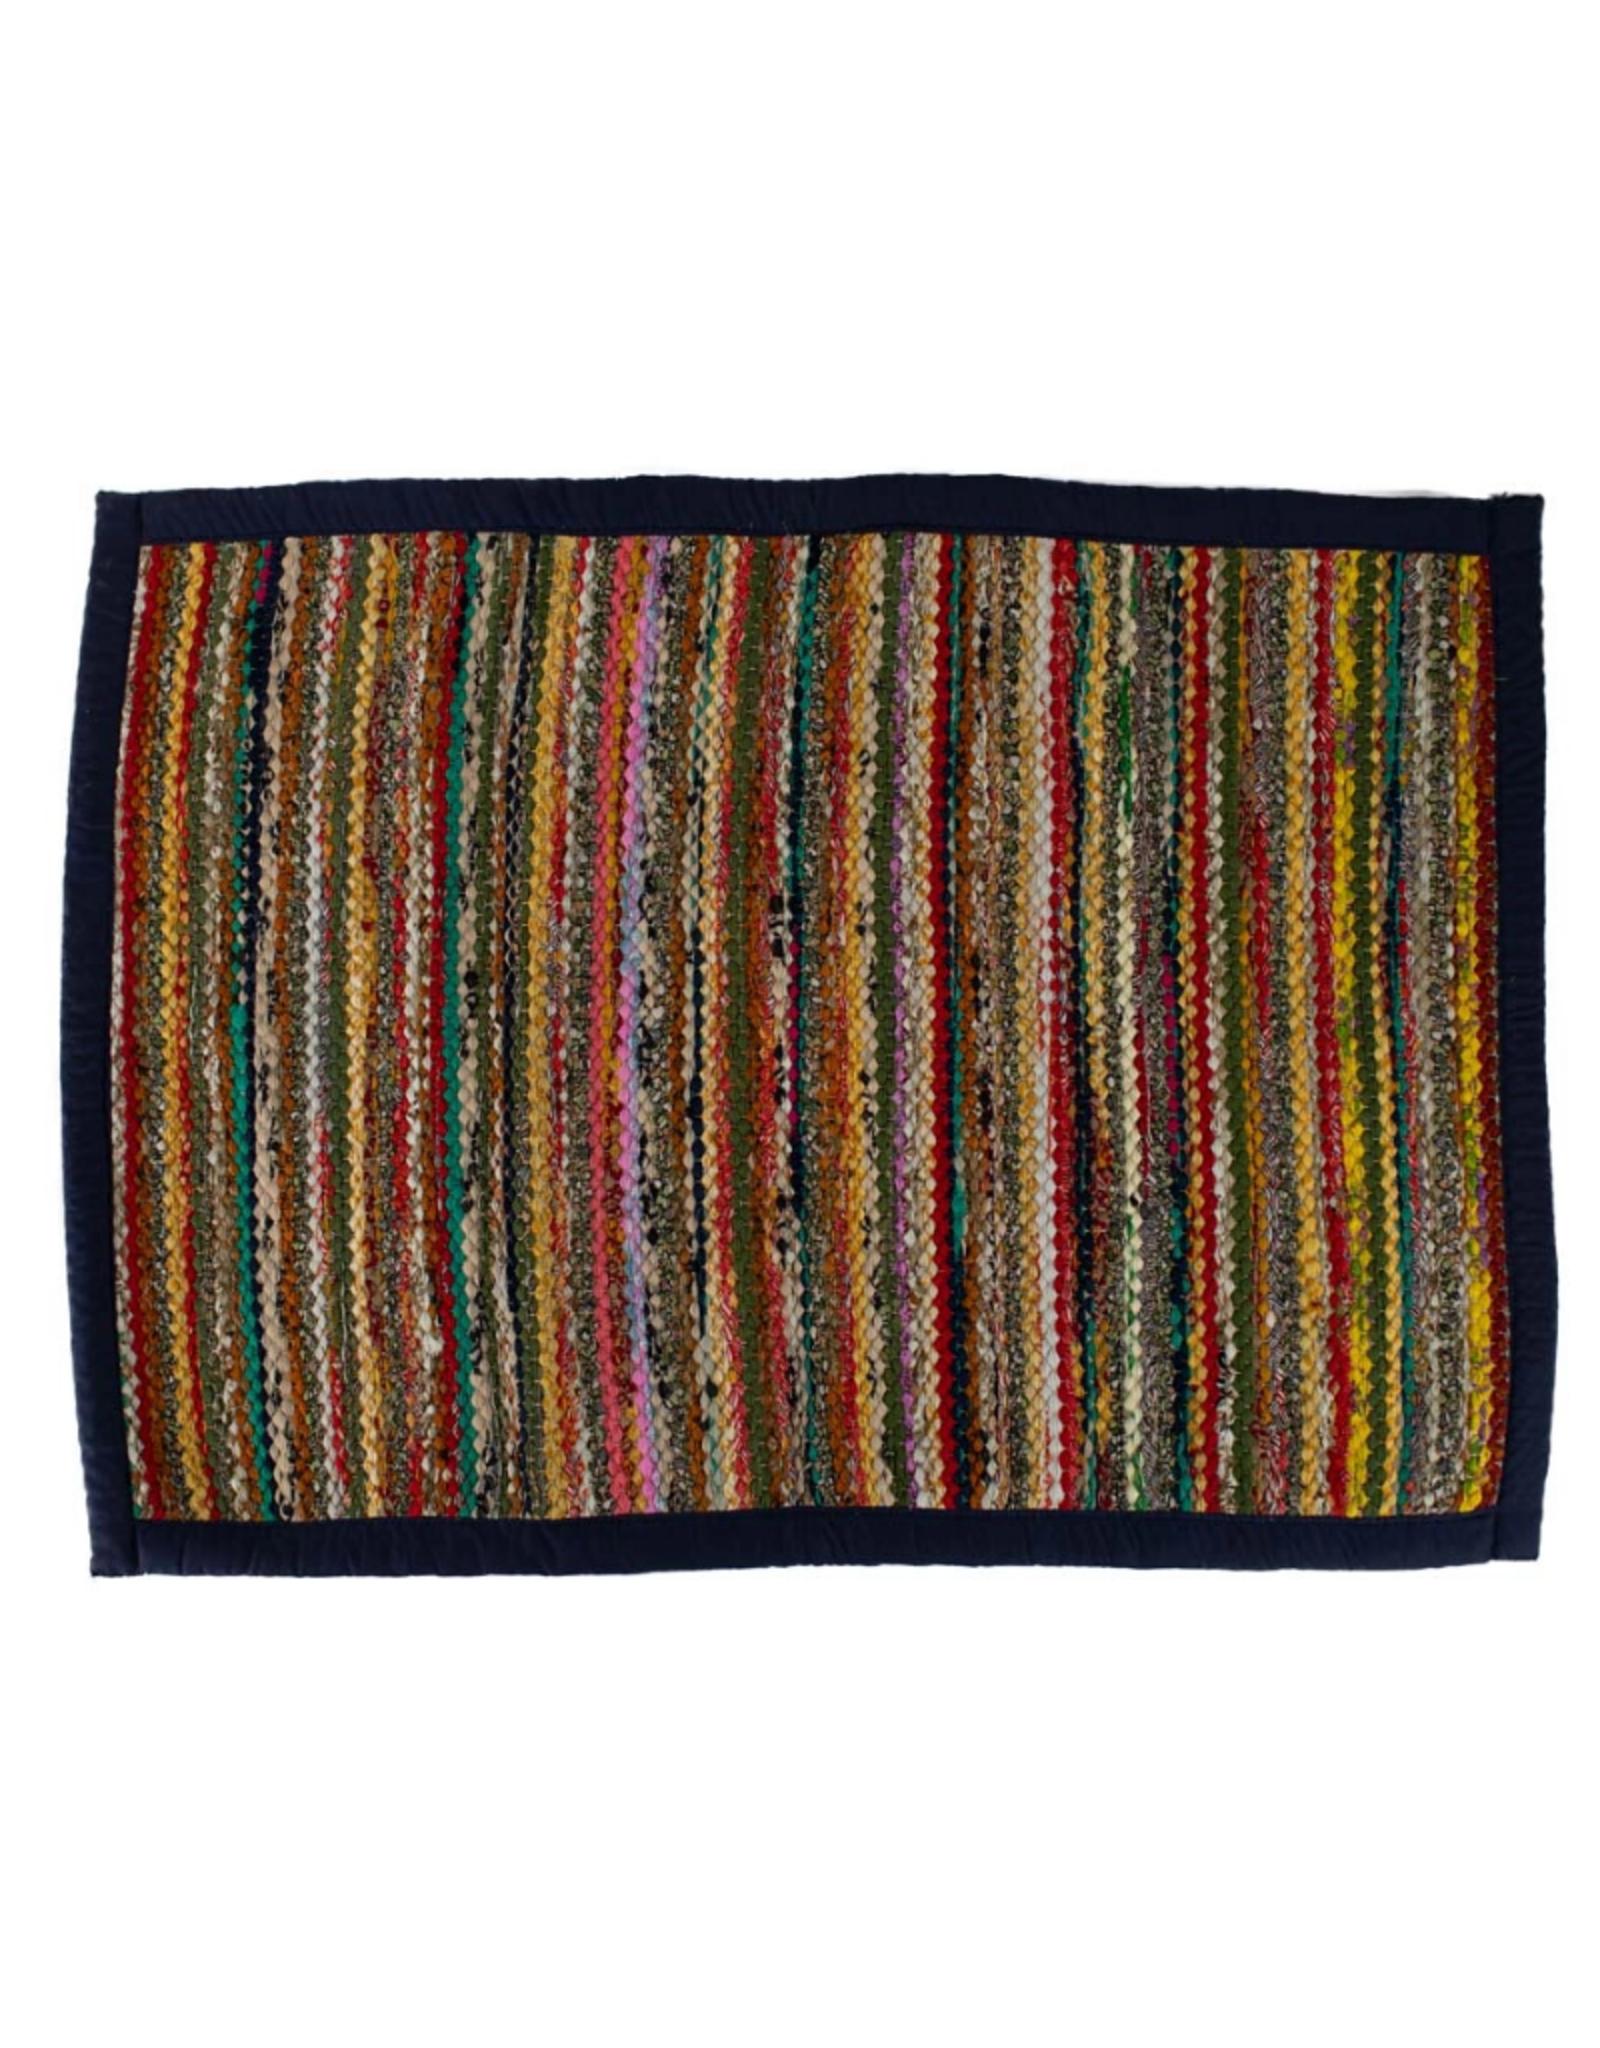 TTV USA Recycled Sari Rug Rectangular